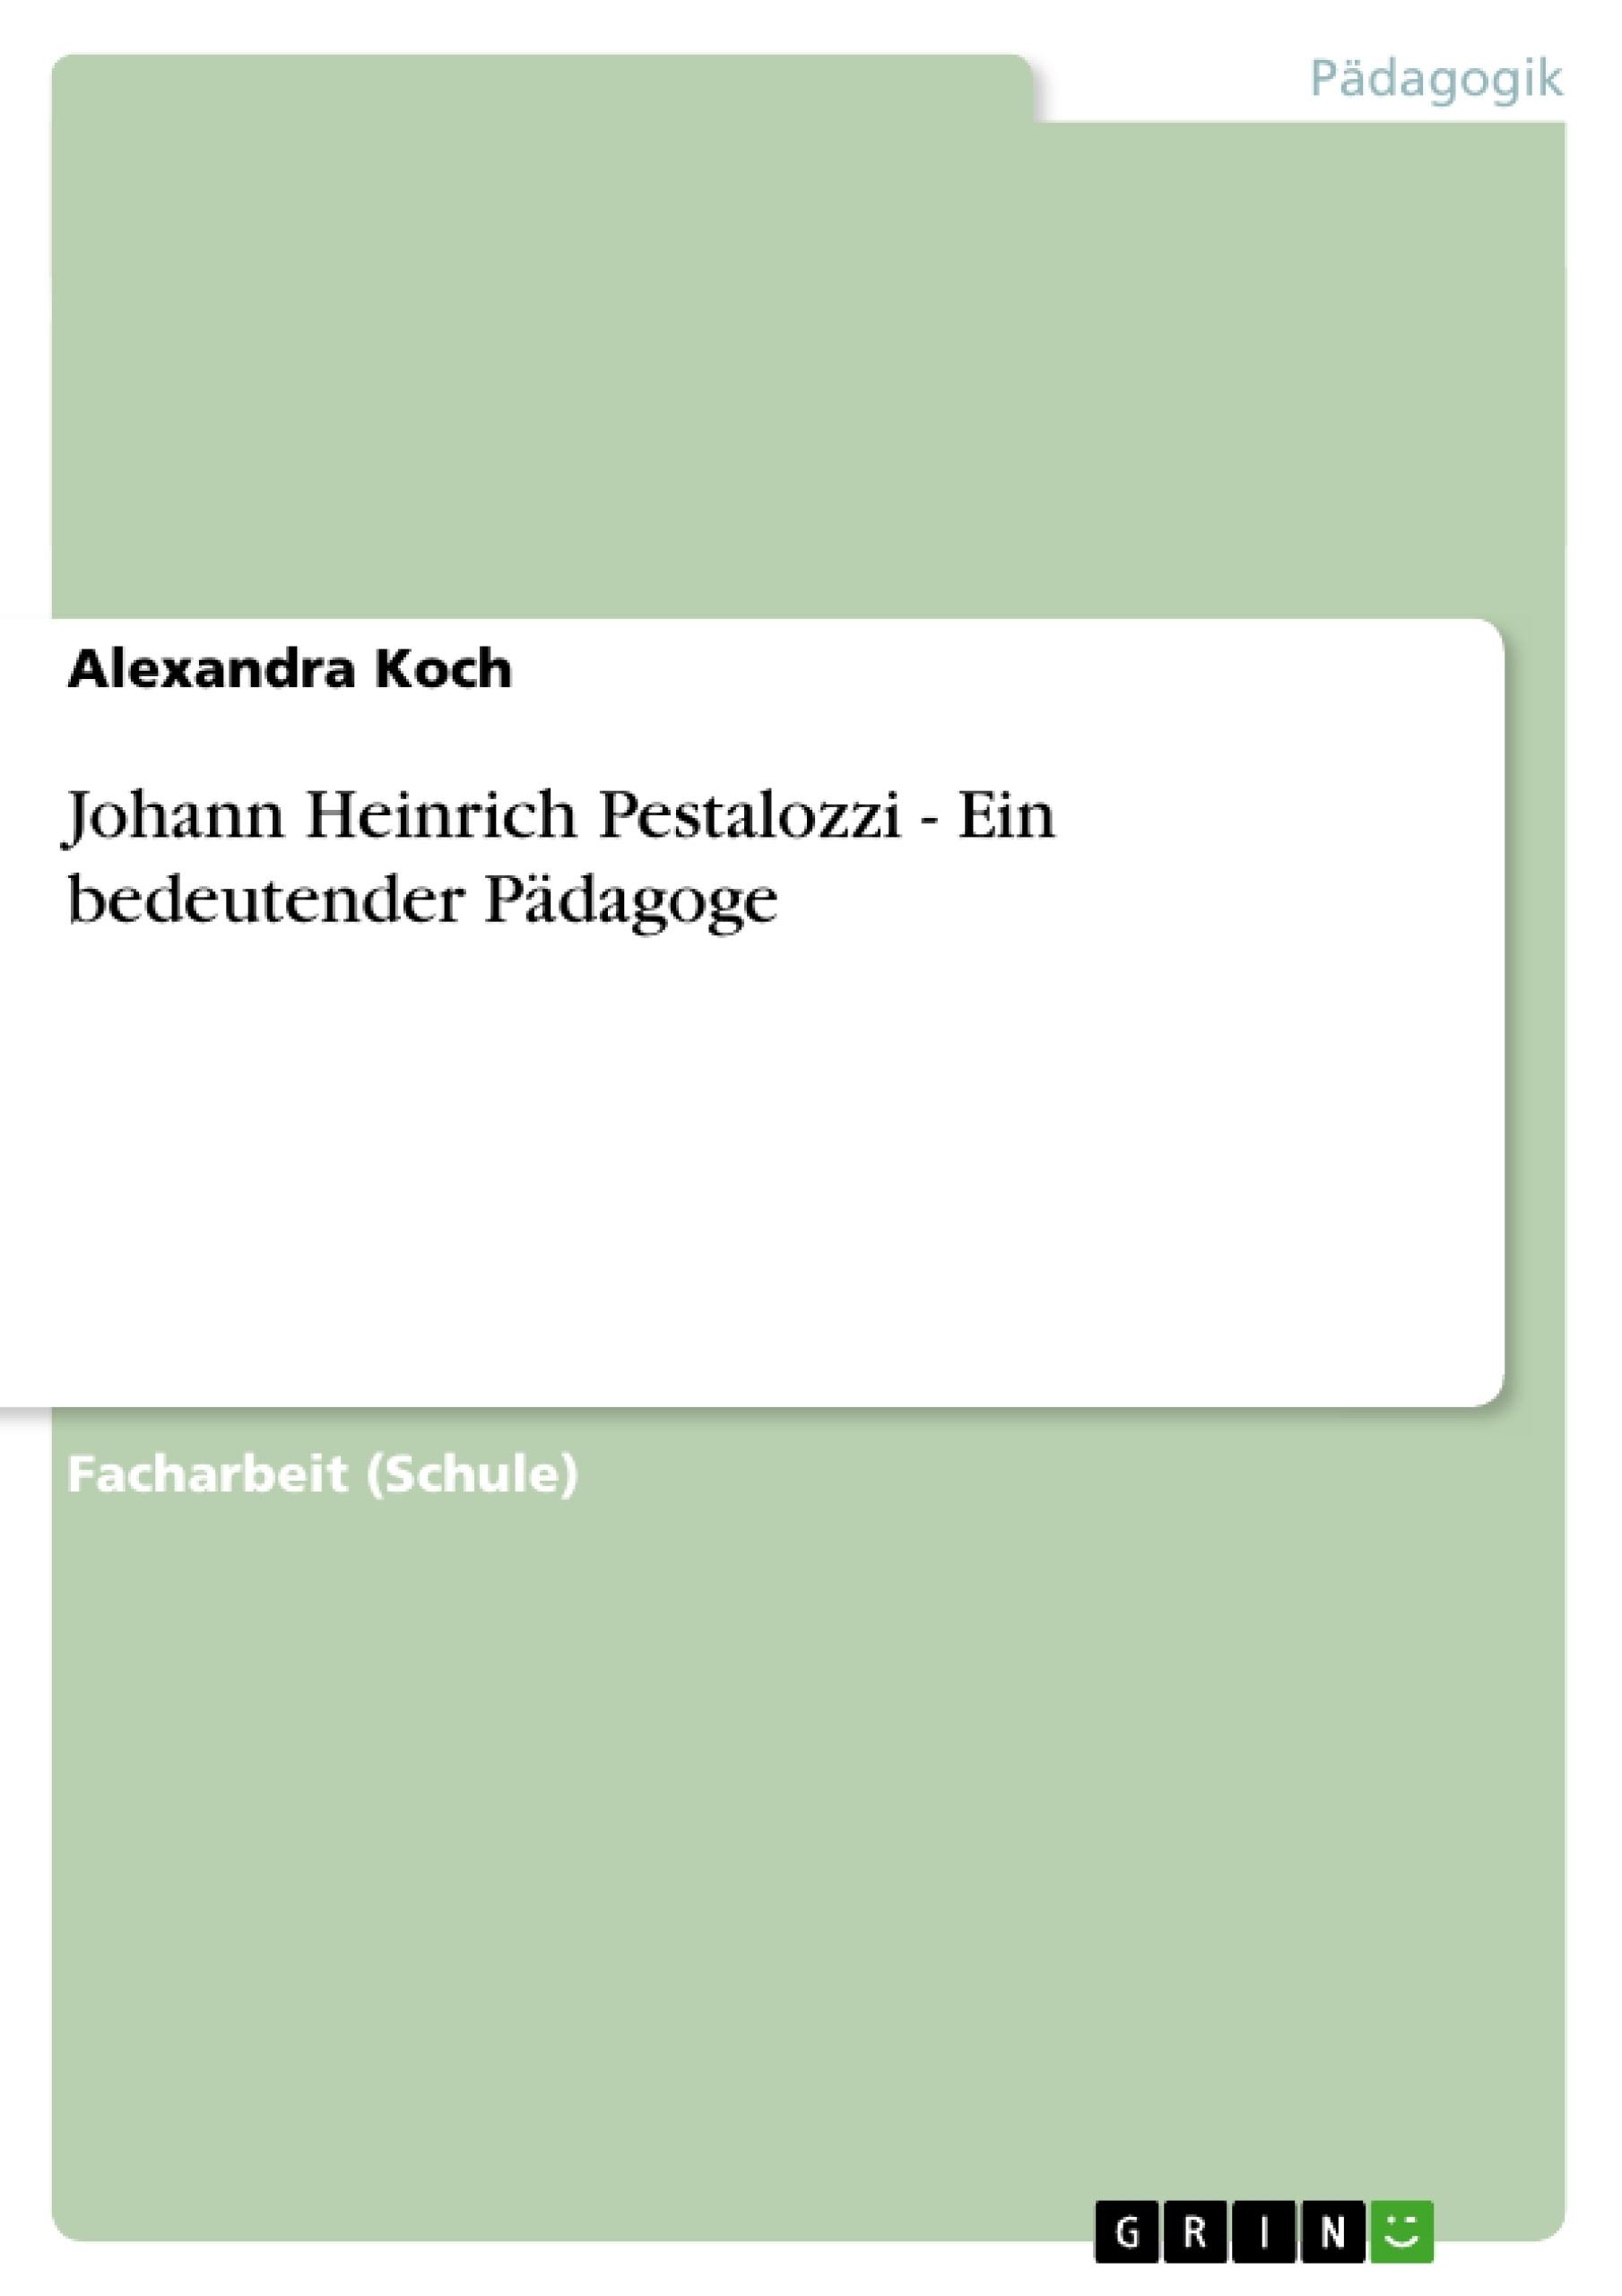 Titel: Johann Heinrich Pestalozzi - Ein bedeutender Pädagoge